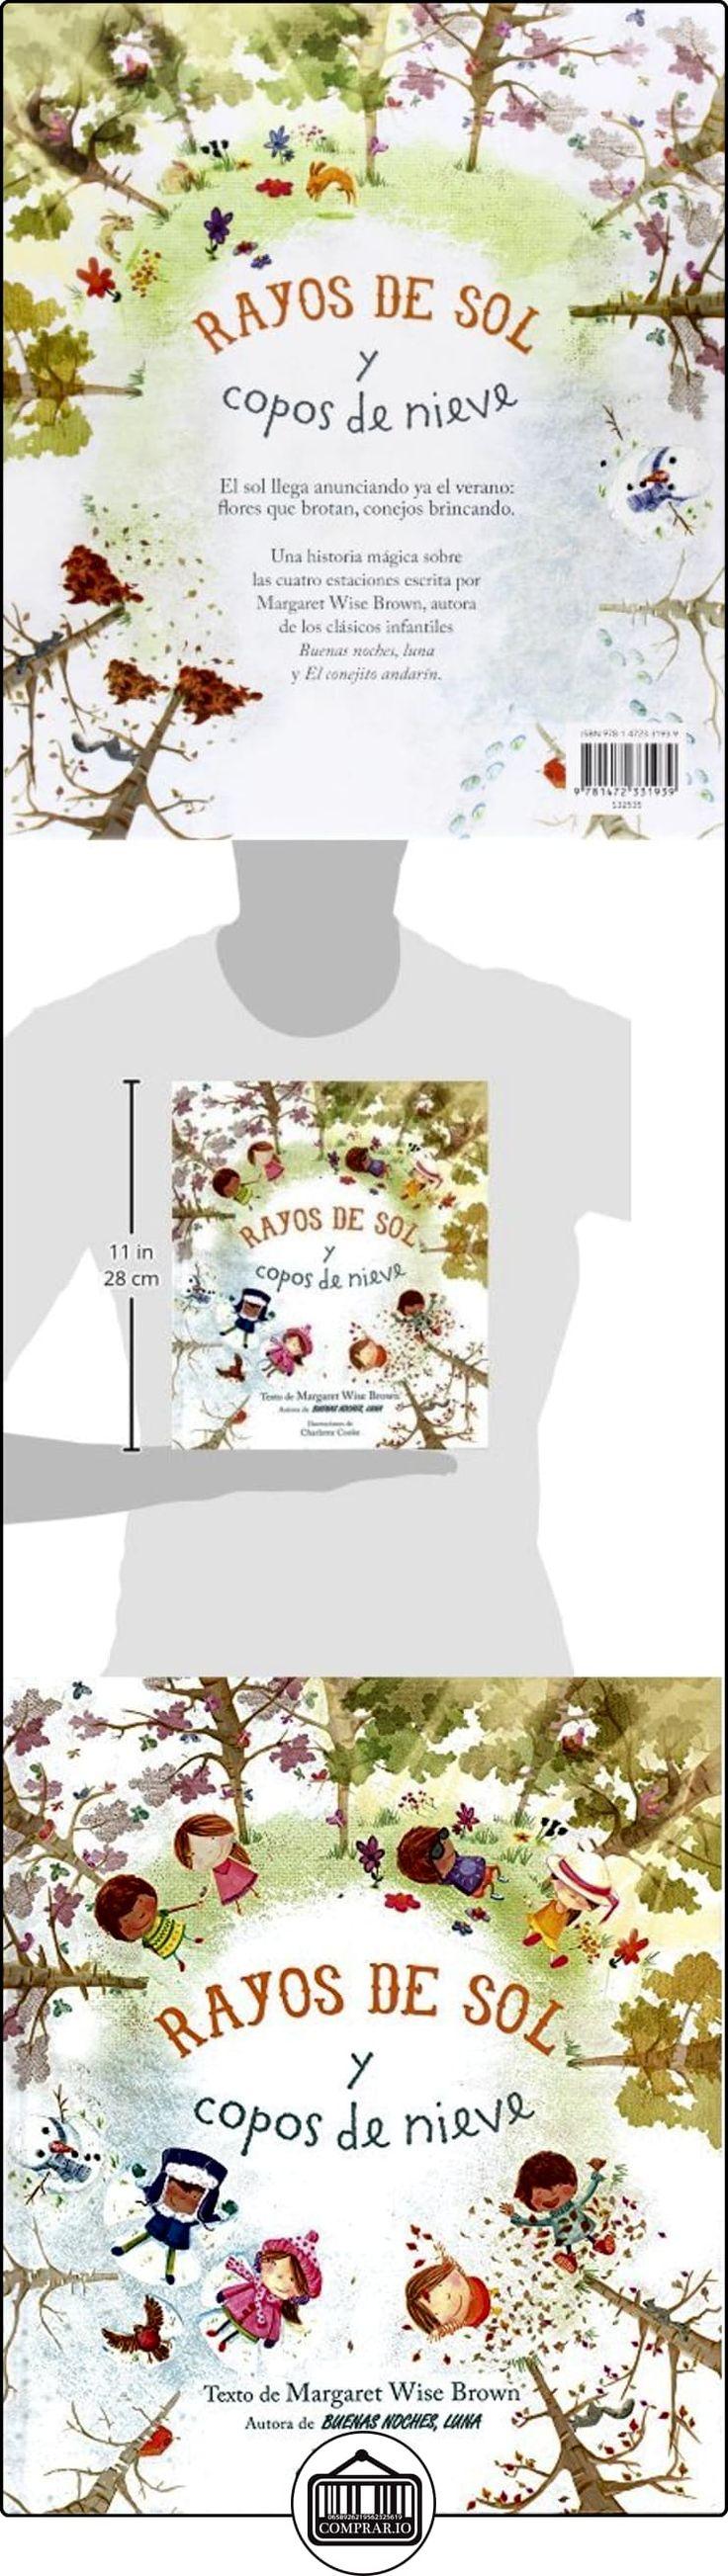 Rayos De Sol Y Copos De Nieve (Mwb Picturebooks)  ✿ Libros infantiles y juveniles - (De 0 a 3 años) ✿